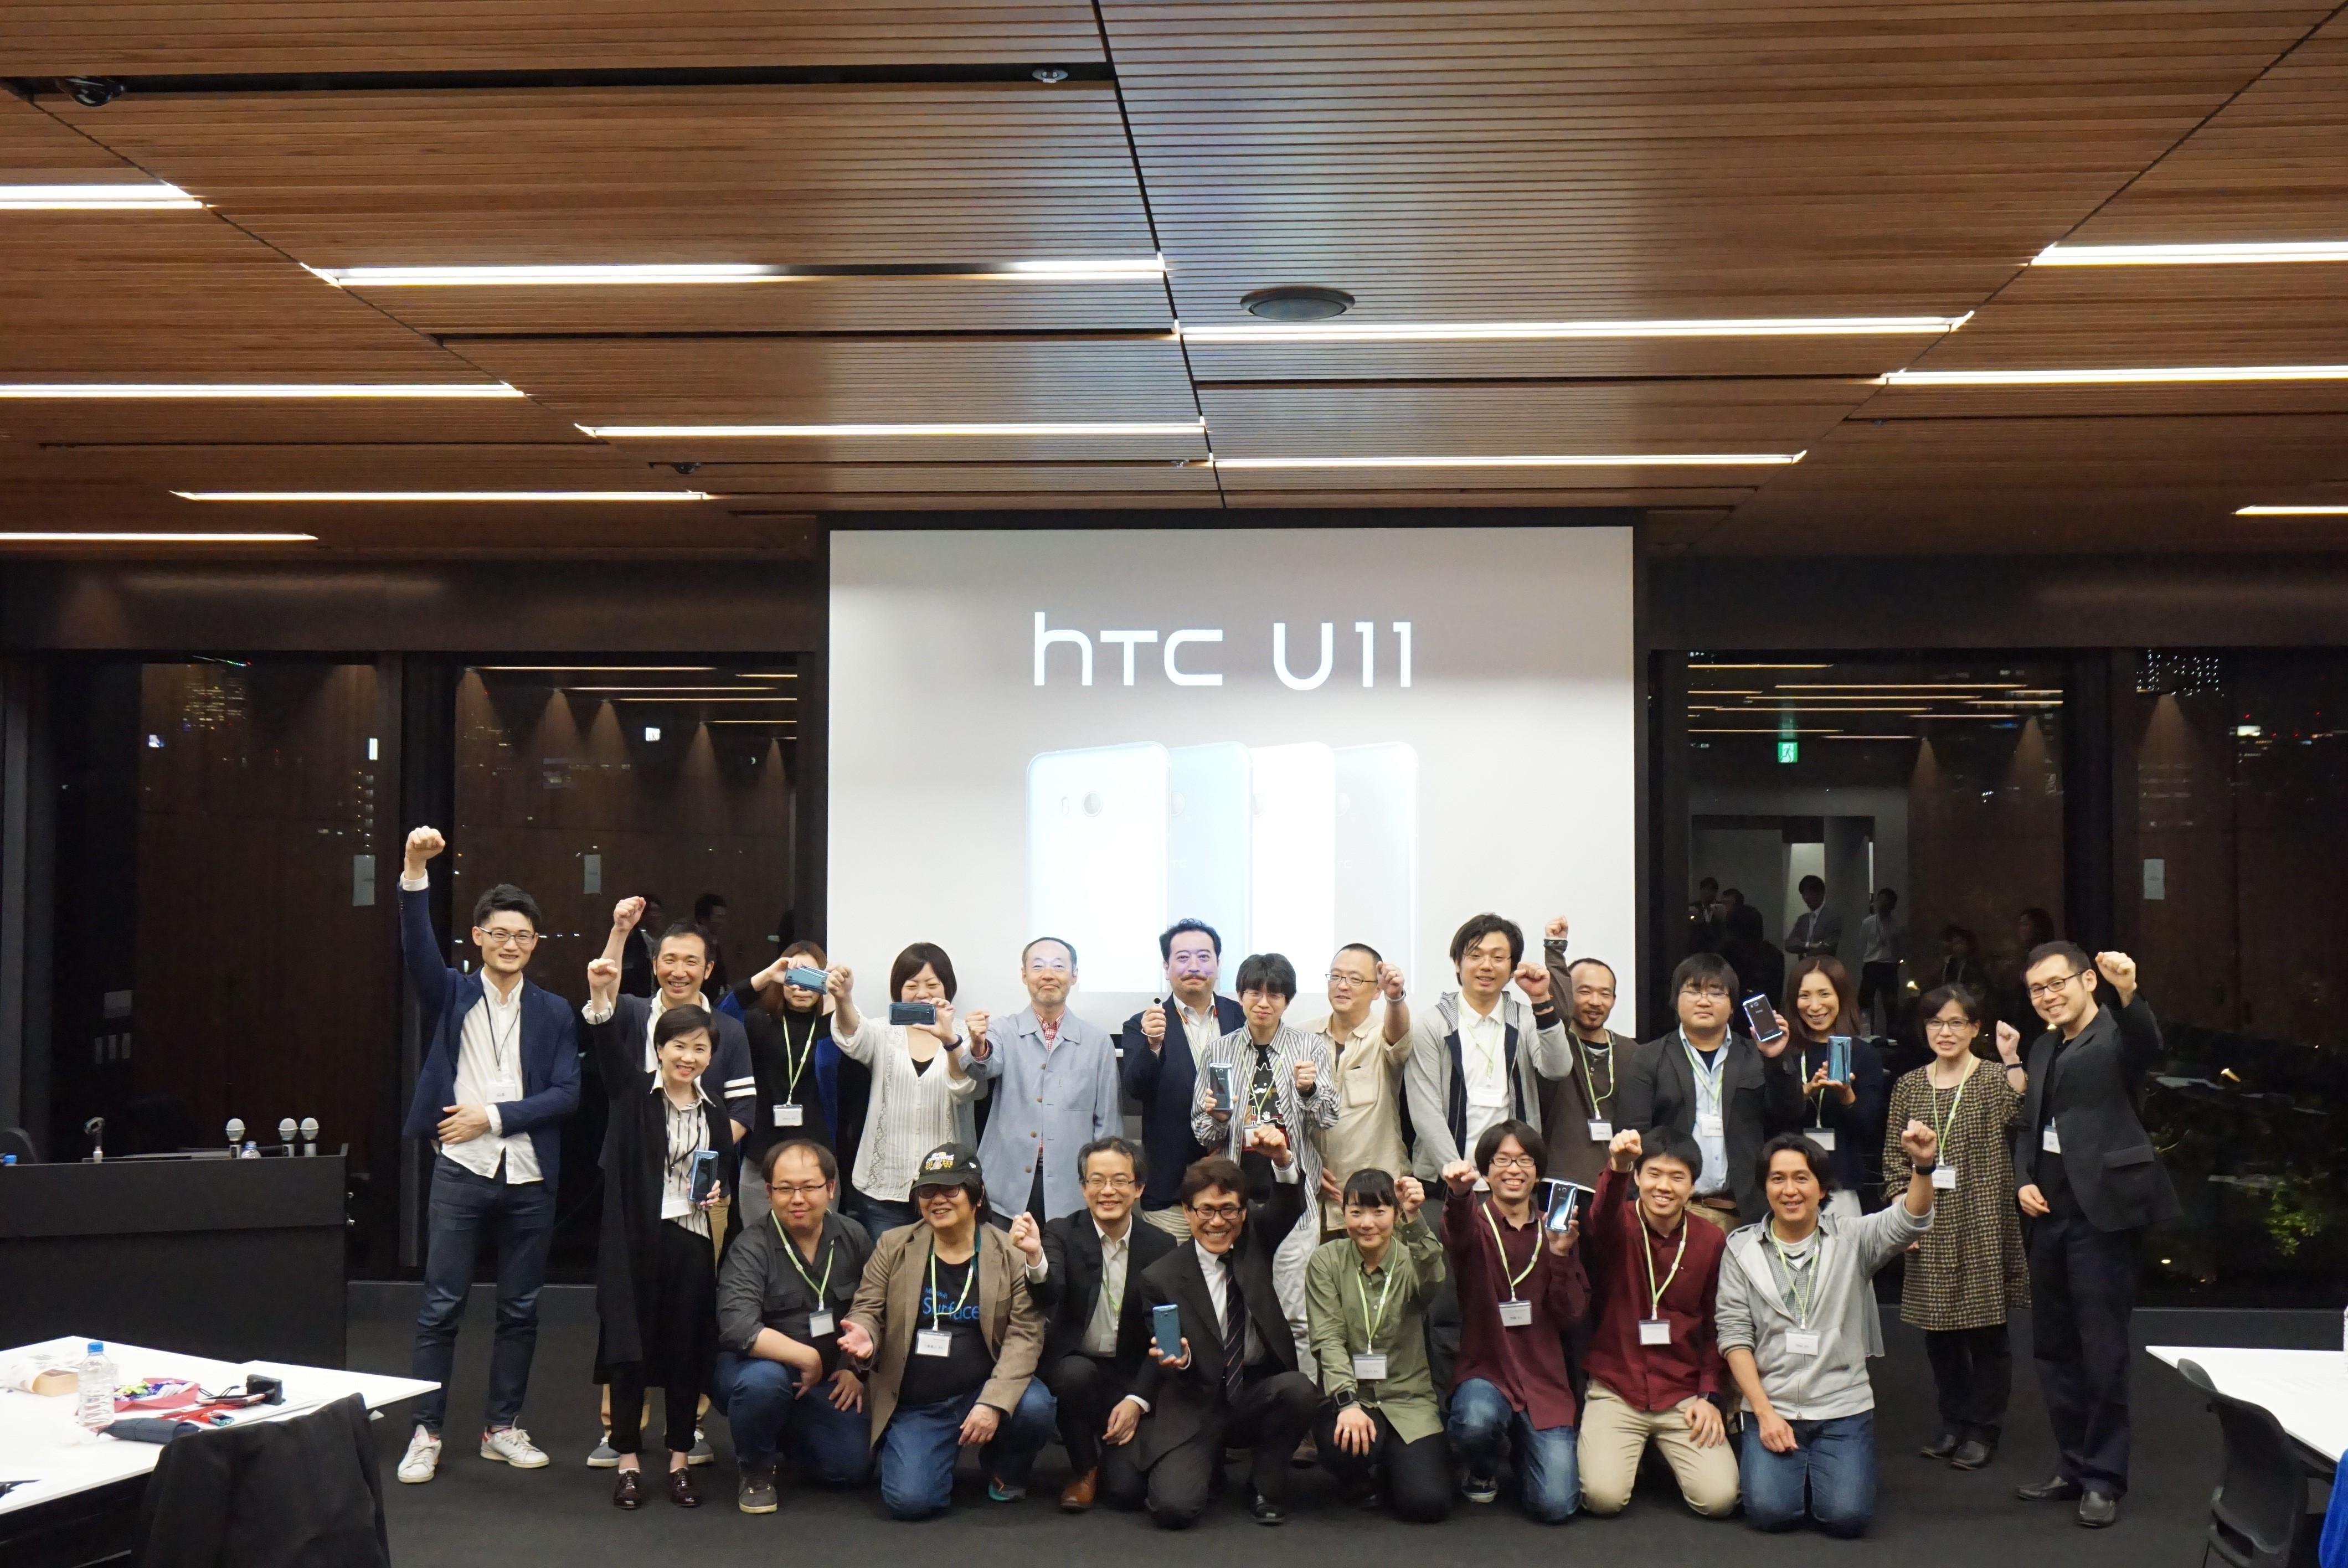 HTCサポーターズクラブのキックオフミーティングを開催いたしました!#HTCサポーター